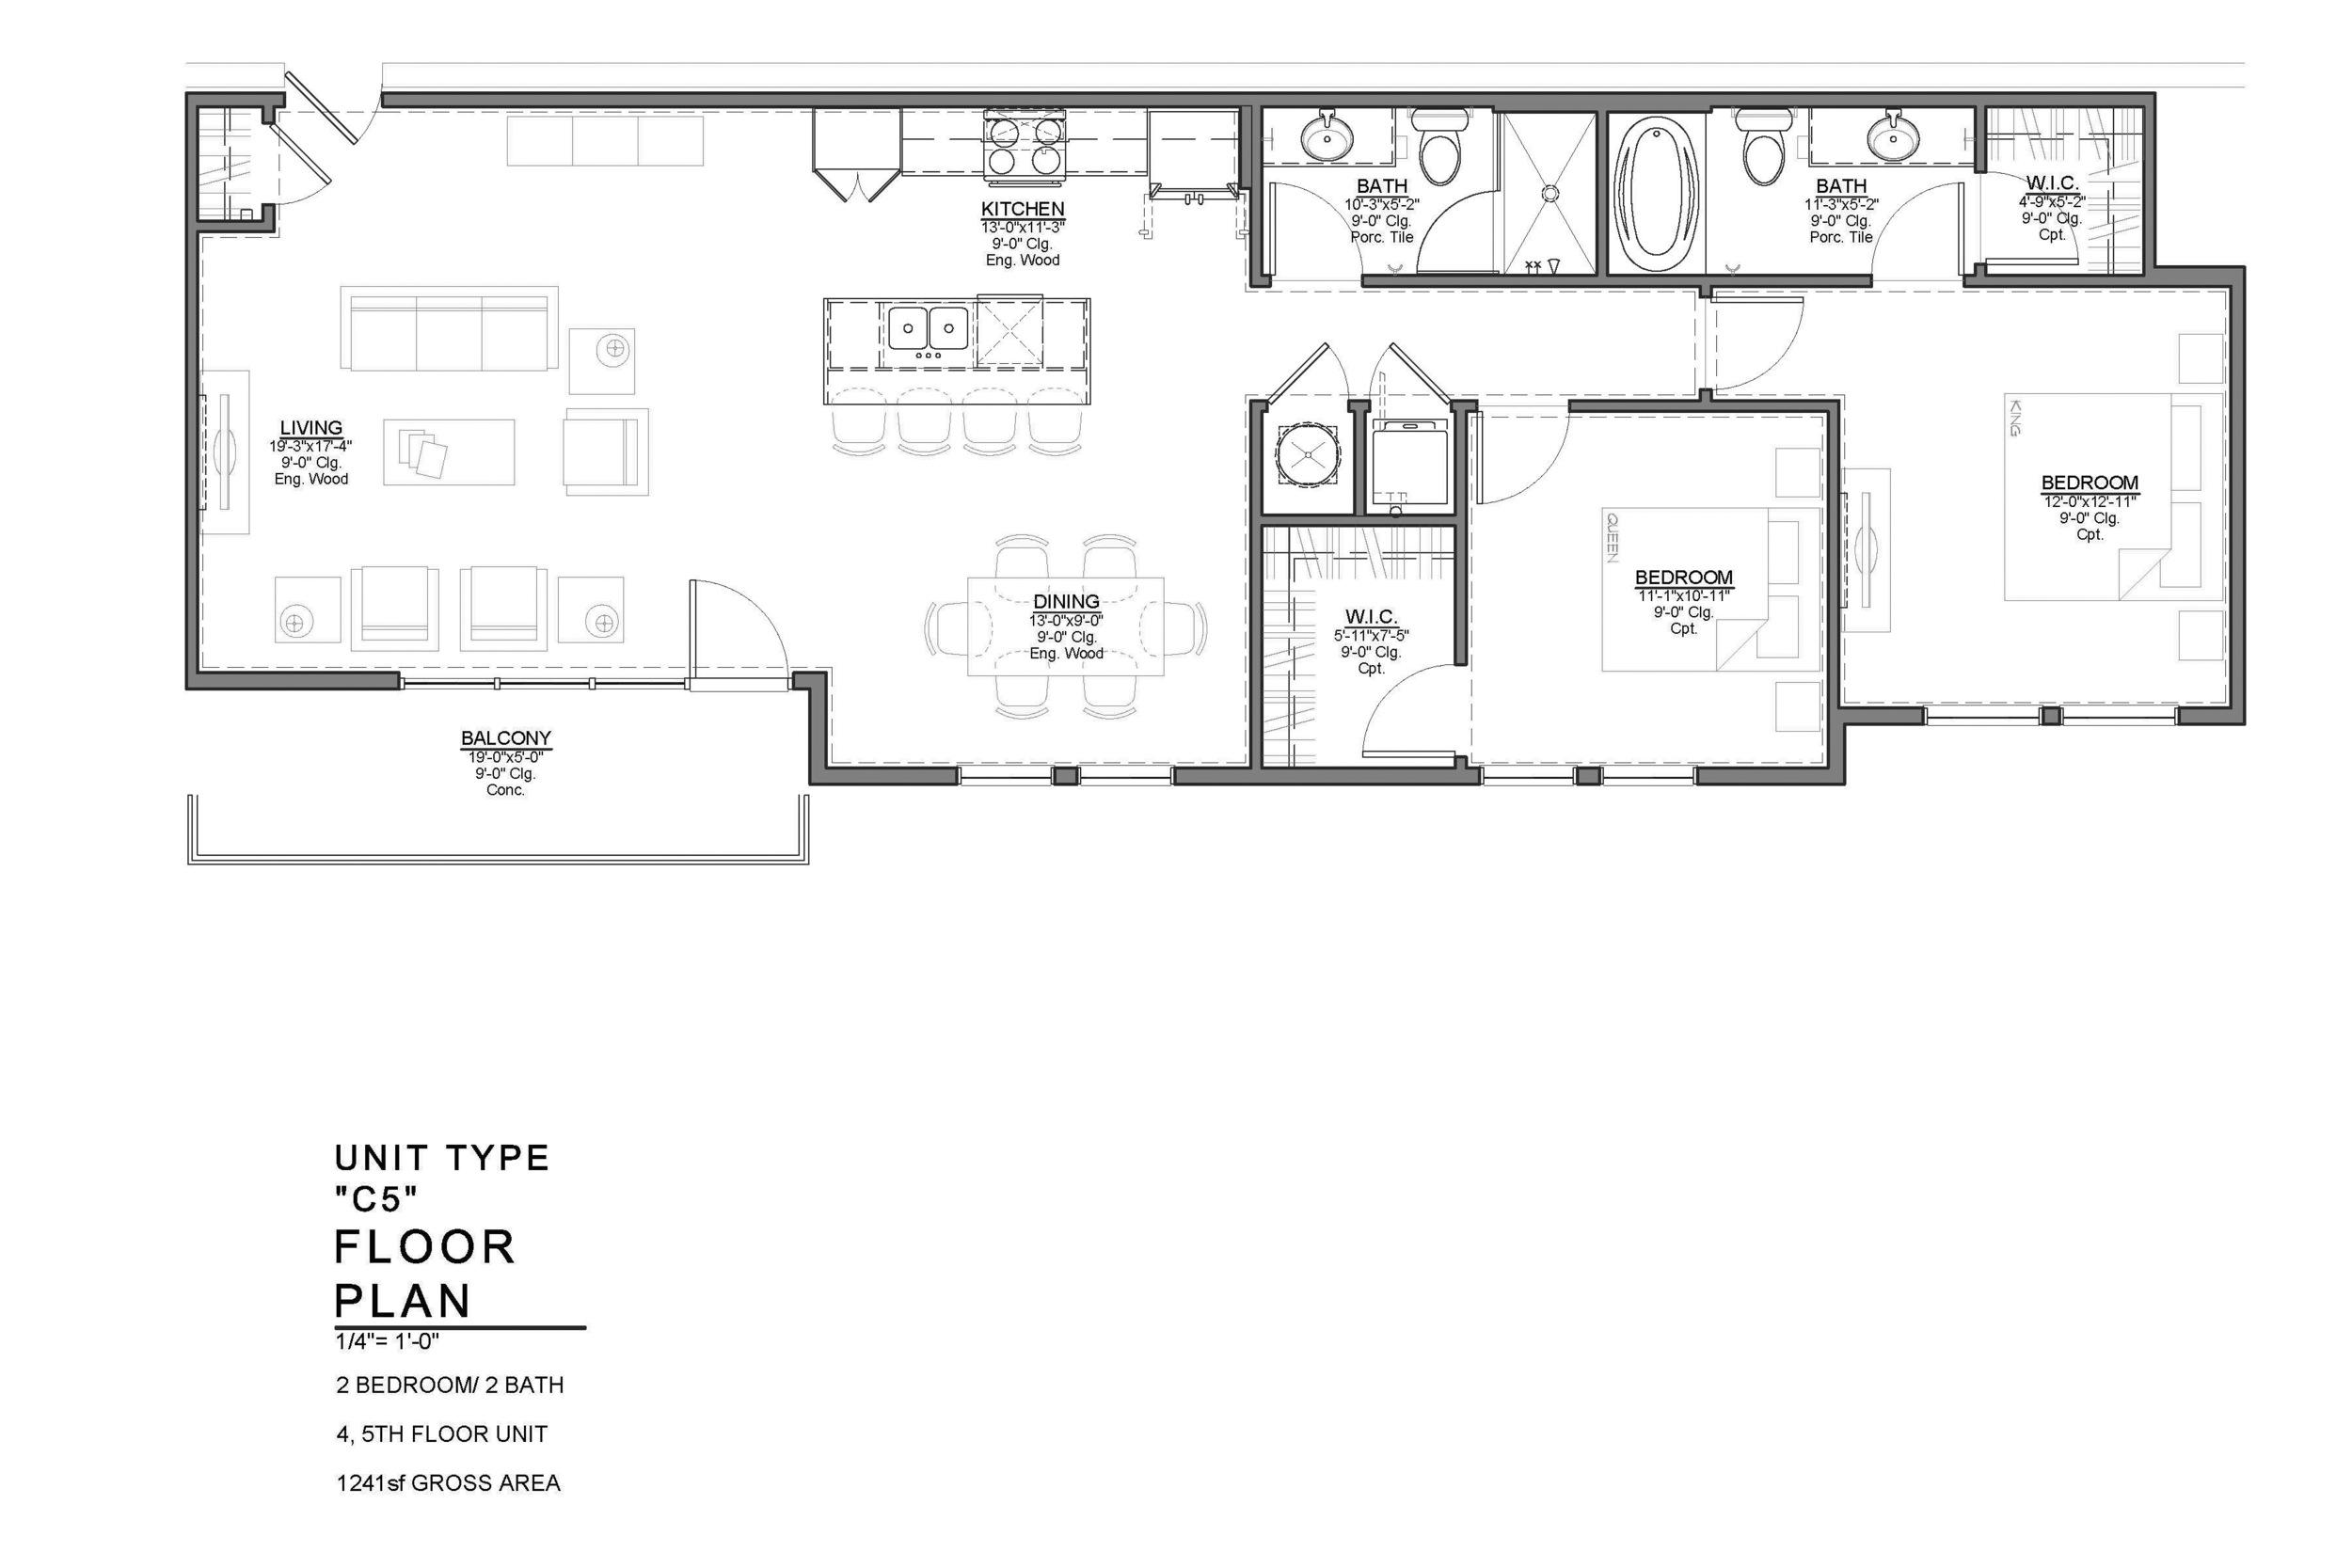 C5 FLOOR PLAN: 2 BEDROOM / 2 BATH